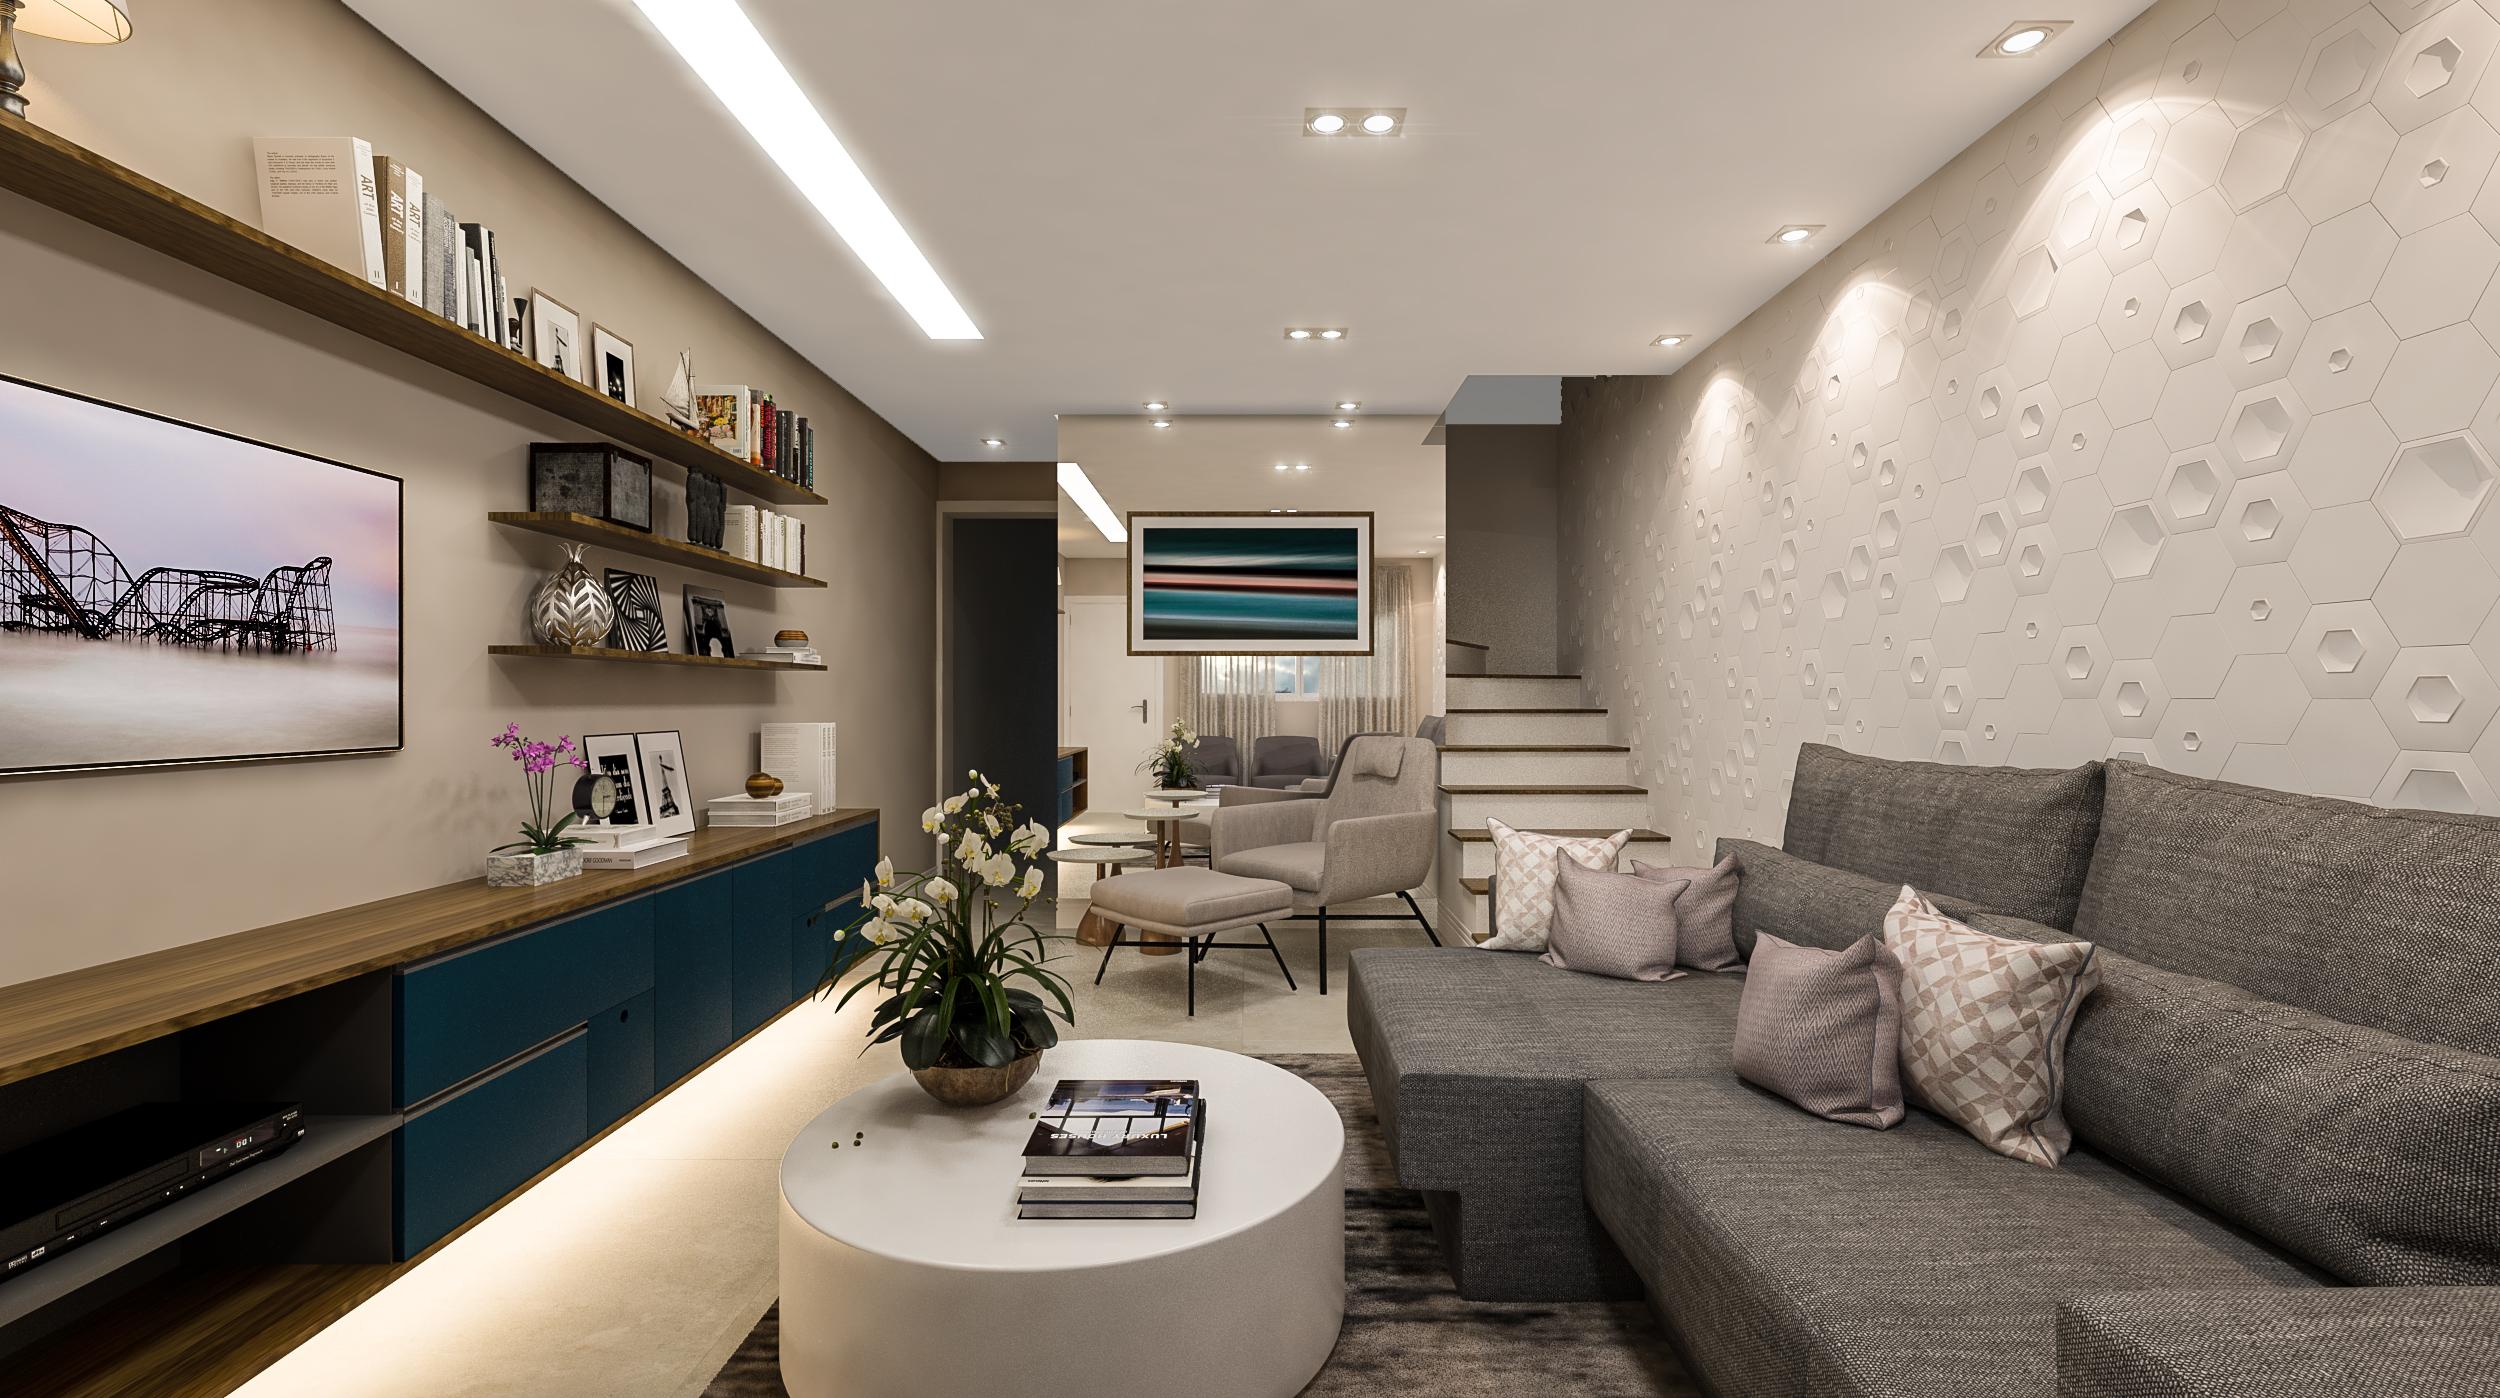 Living  Residência Persio de Azevedo - Penha - 140 m2  Projeto: Madi Arquitetura & Design  Imagem: Érica Alfieri